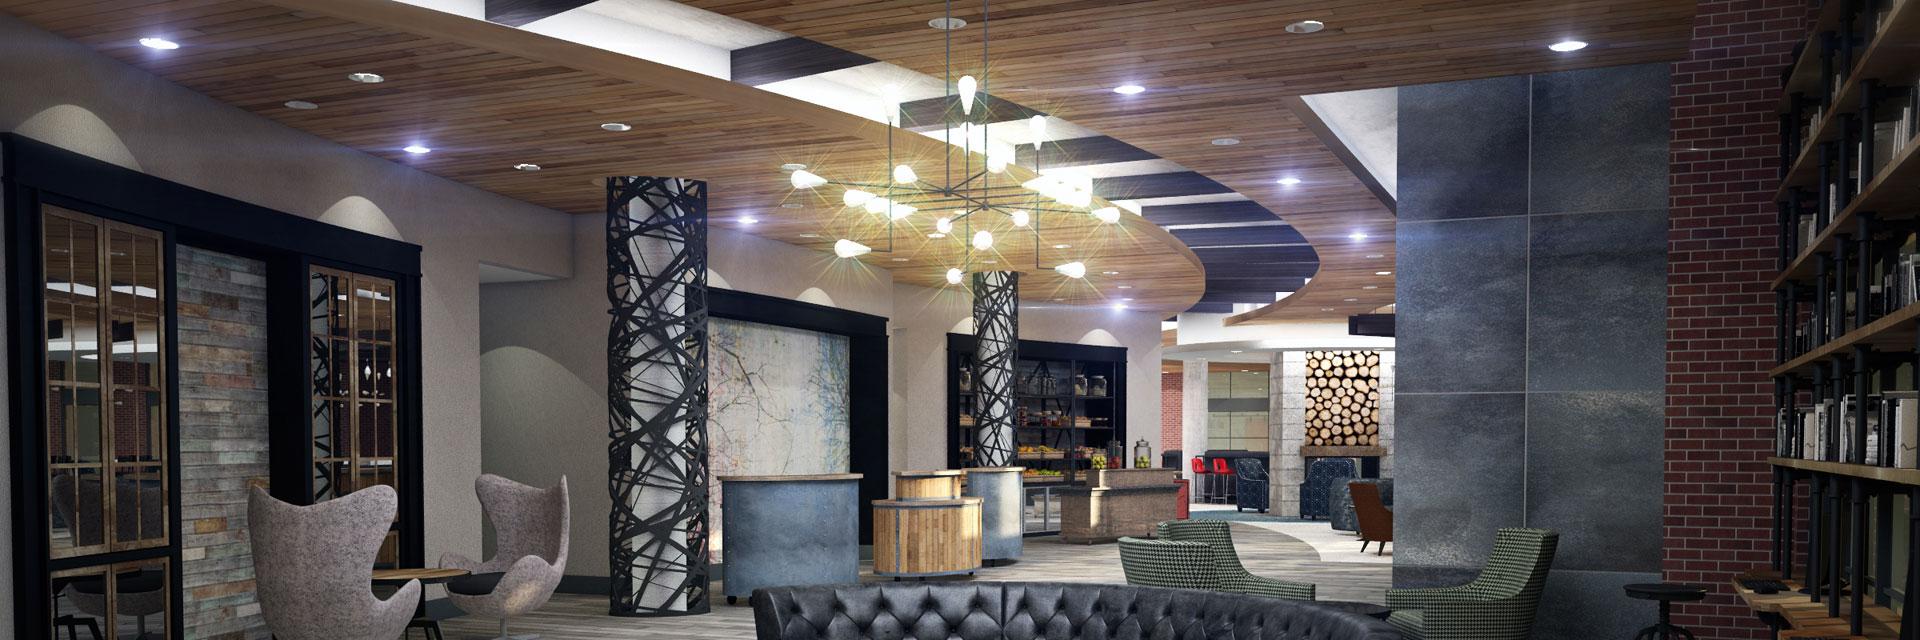 archer hotel burlington lodgeworks partners l p